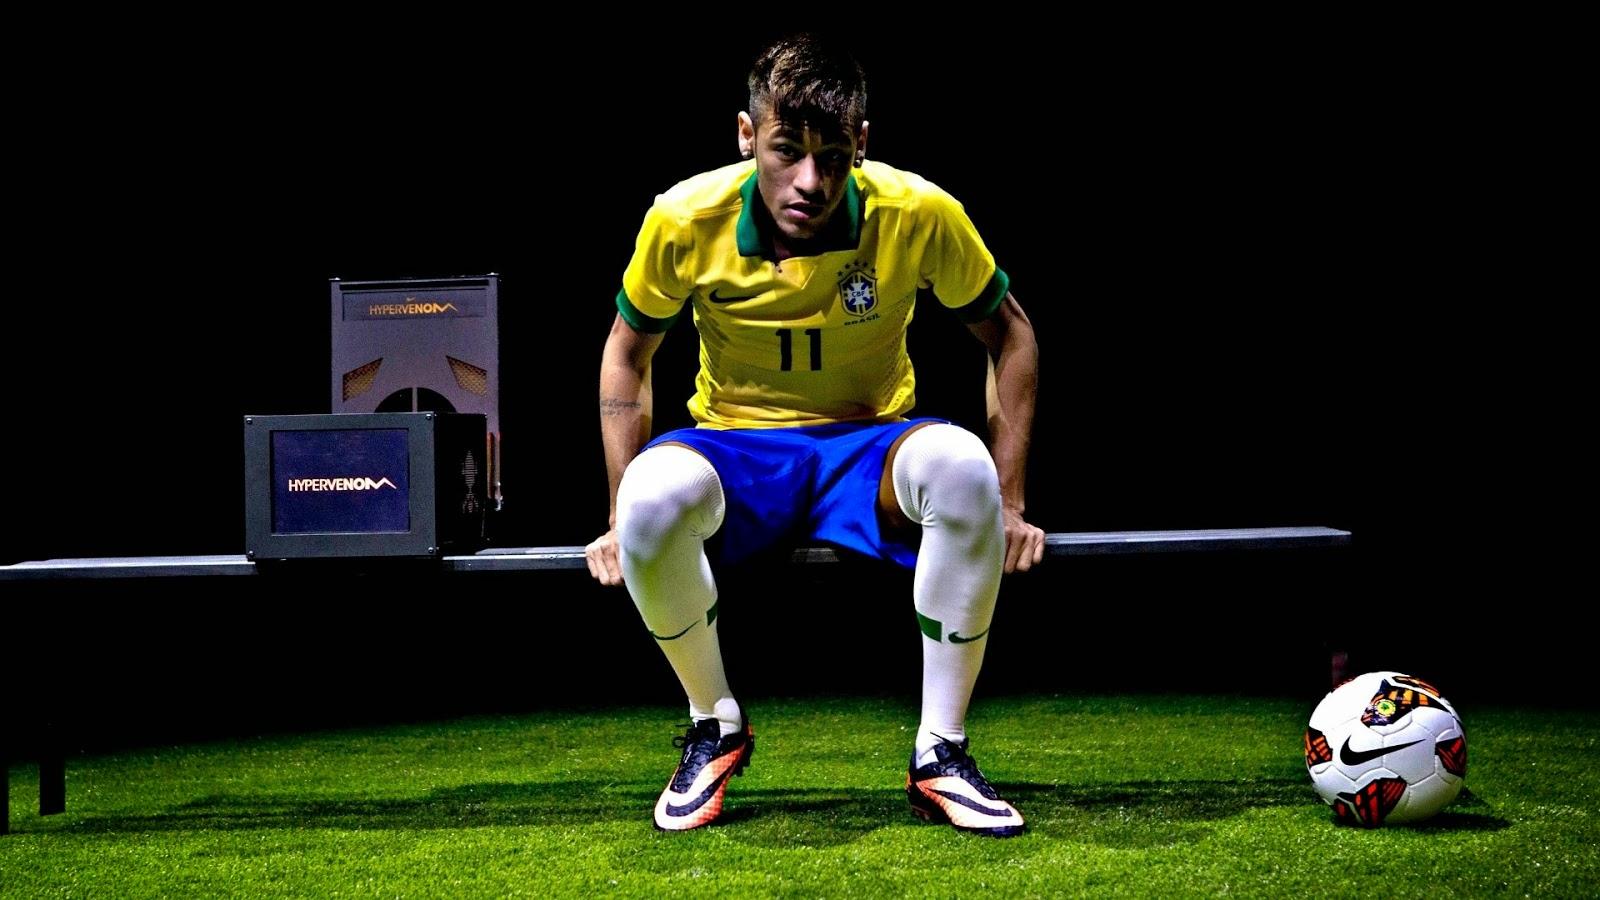 صور نيمار , أجدد صور لنيمار , أجمل خلفيات Neymar